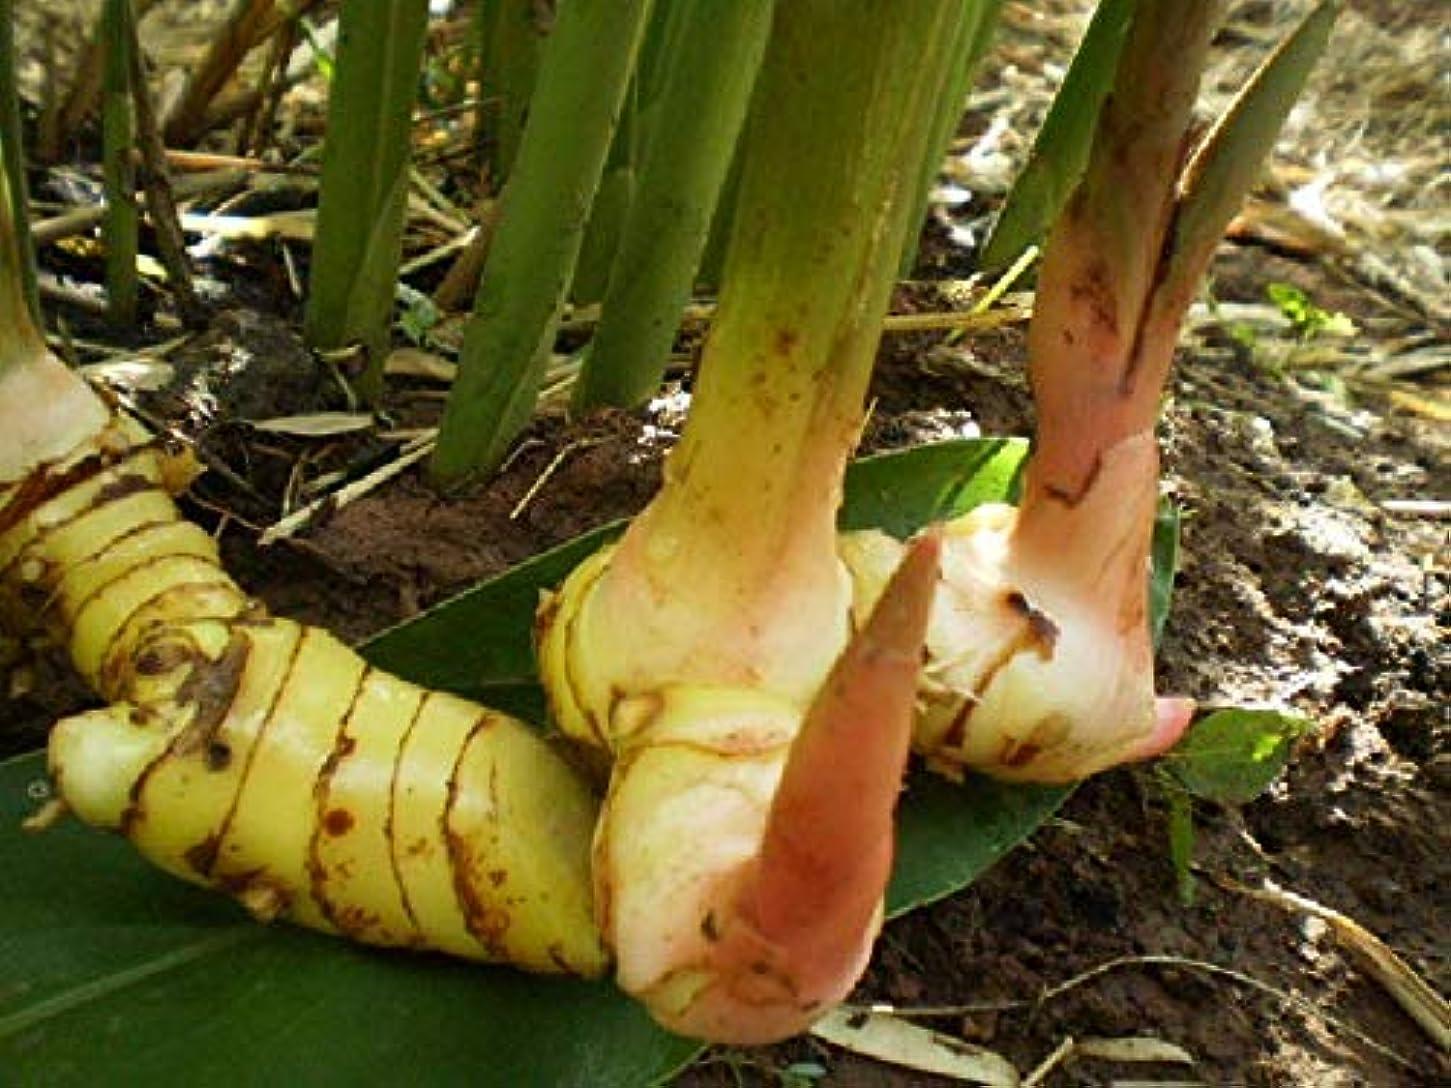 罪ためらうトンネル種子パッケージ:新! 1ガランガルの根茎FRESHアルピニアGALANGA THAIHEIRLOOM